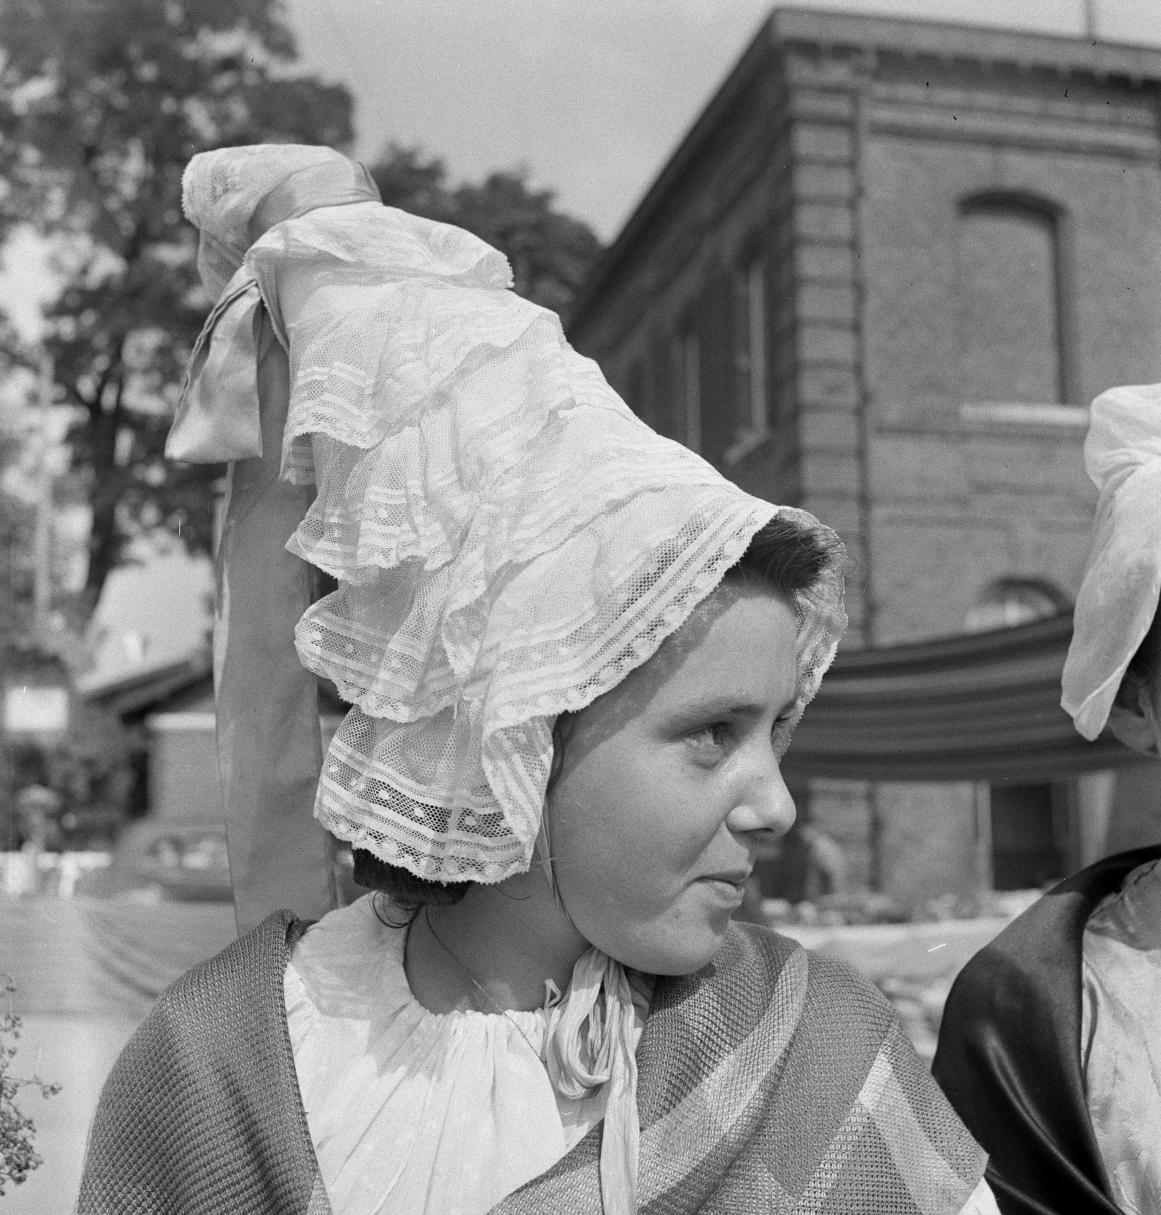 08. Некоторые девушки надели традиционные головные уборы прибрежной Нормандии